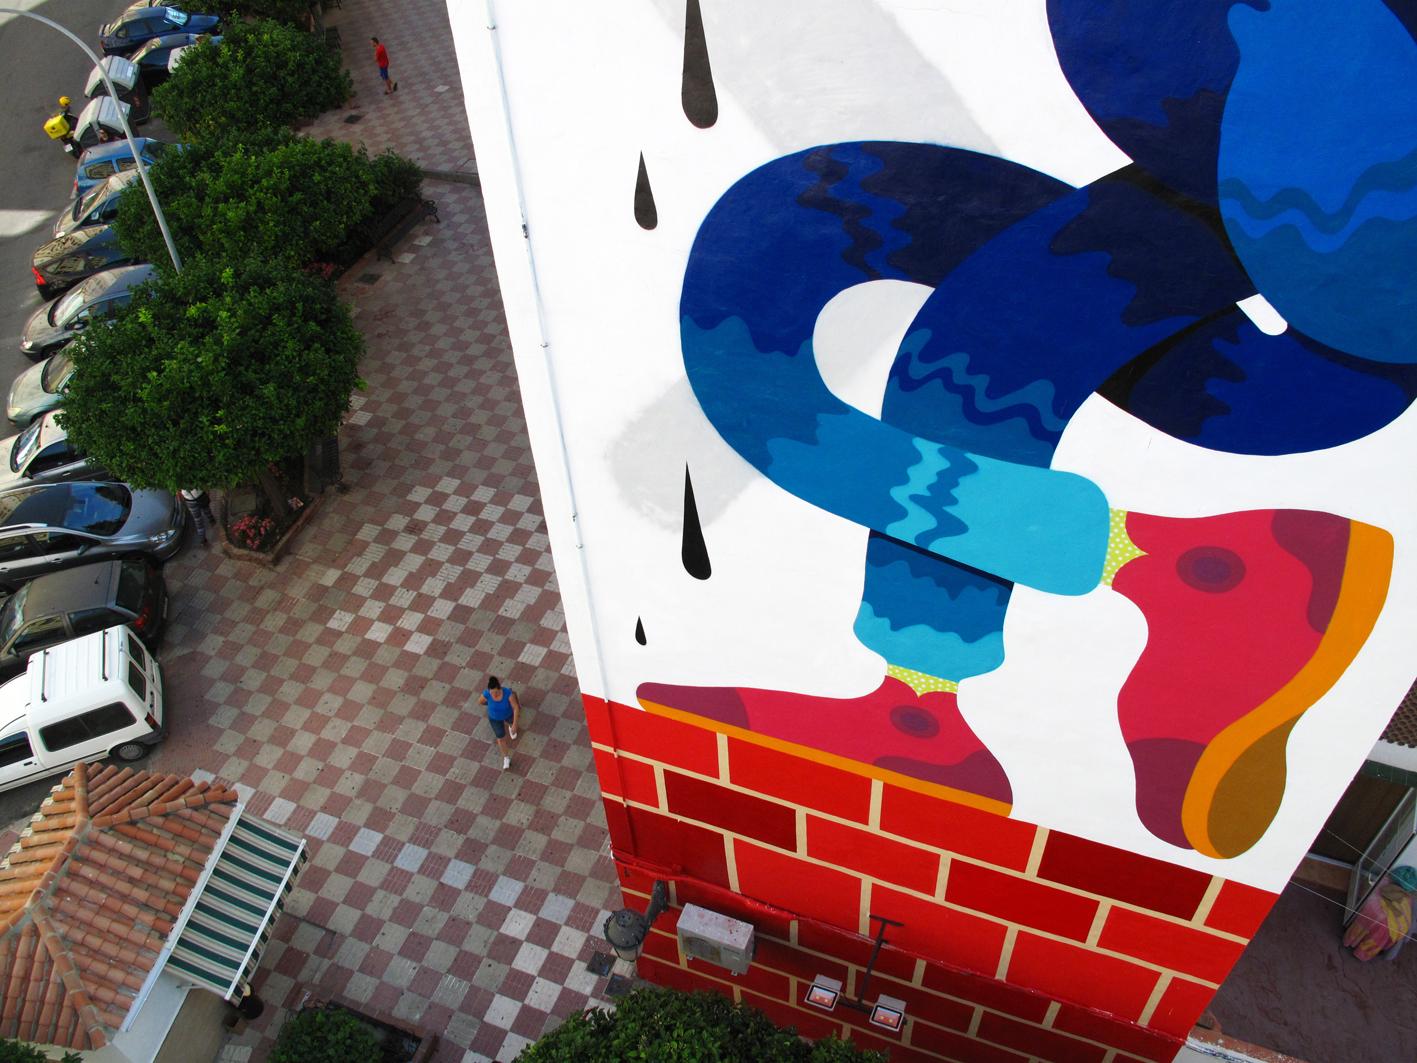 nano4814-new-mural-in-estepona-spain-04